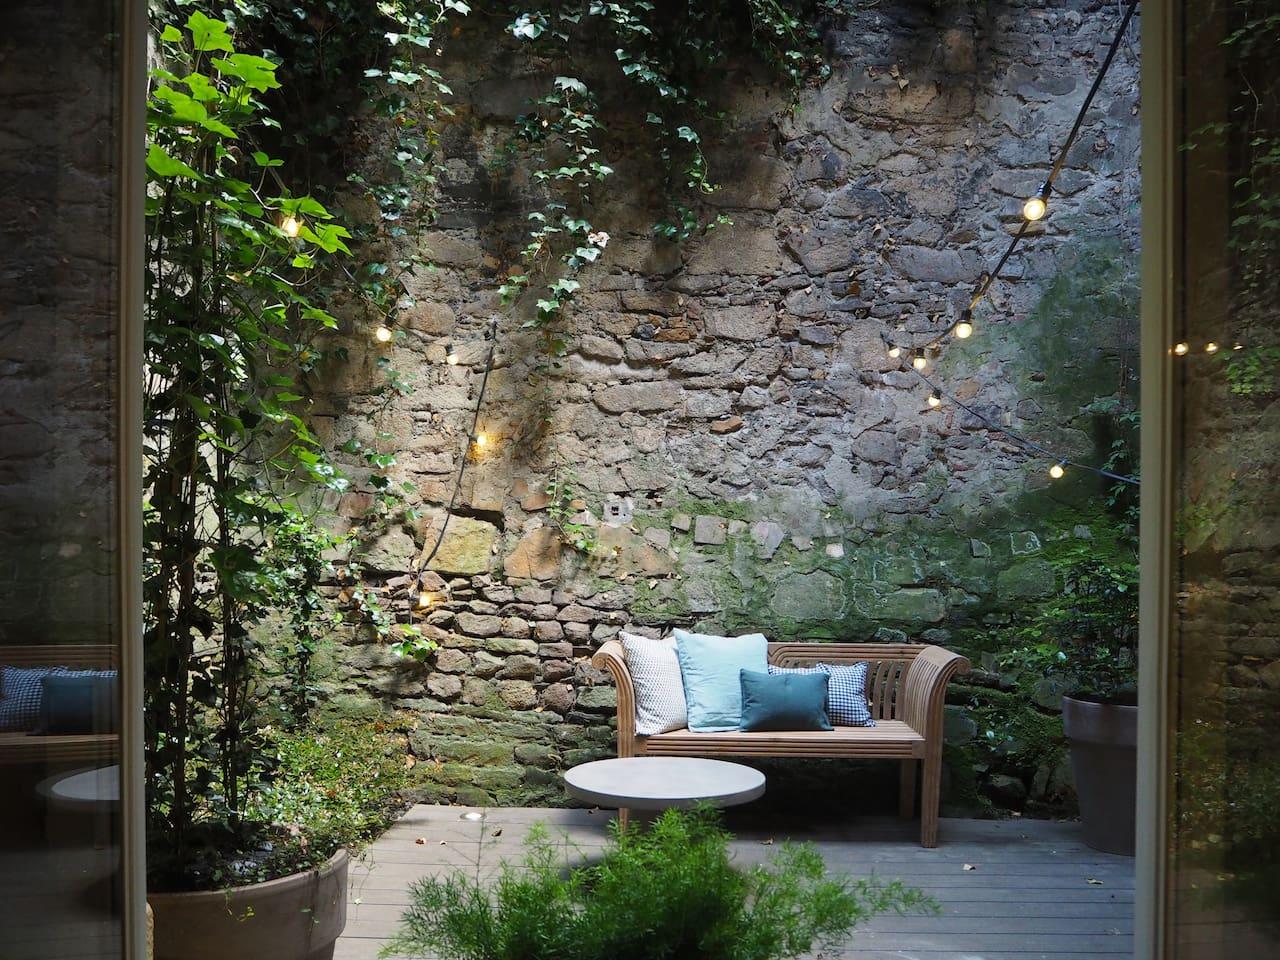 - Private patio (smoking is allowed here) - Patio privatif (fumer est authorisé sur le patio)